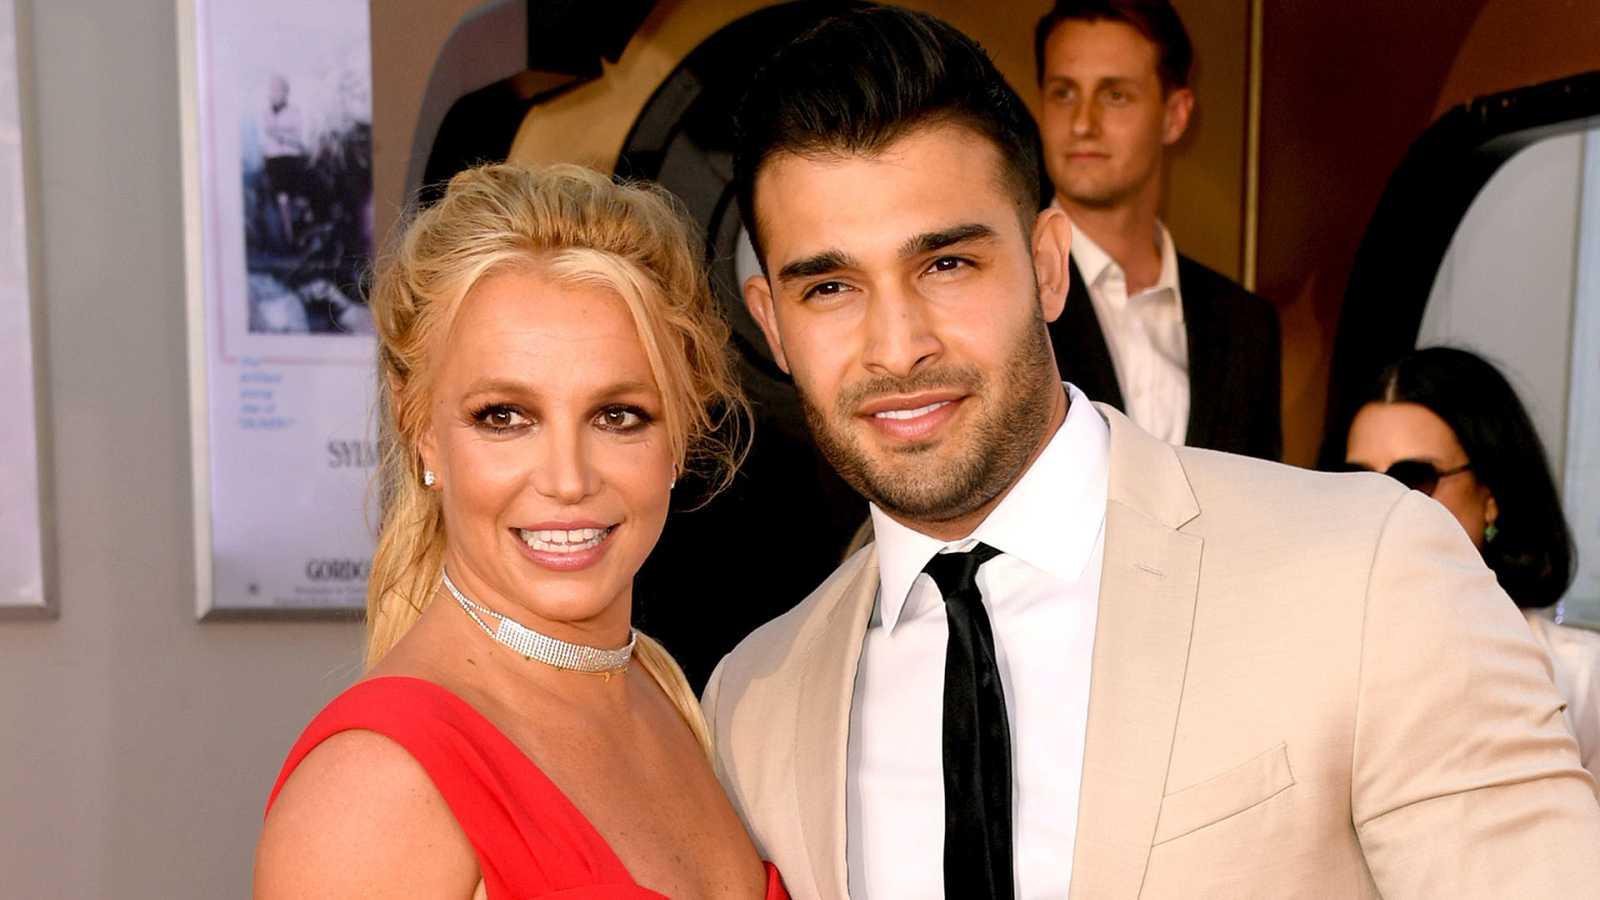 Britney Spears y su novio Sam Asghari posando el verano pasado en una alfombra roja